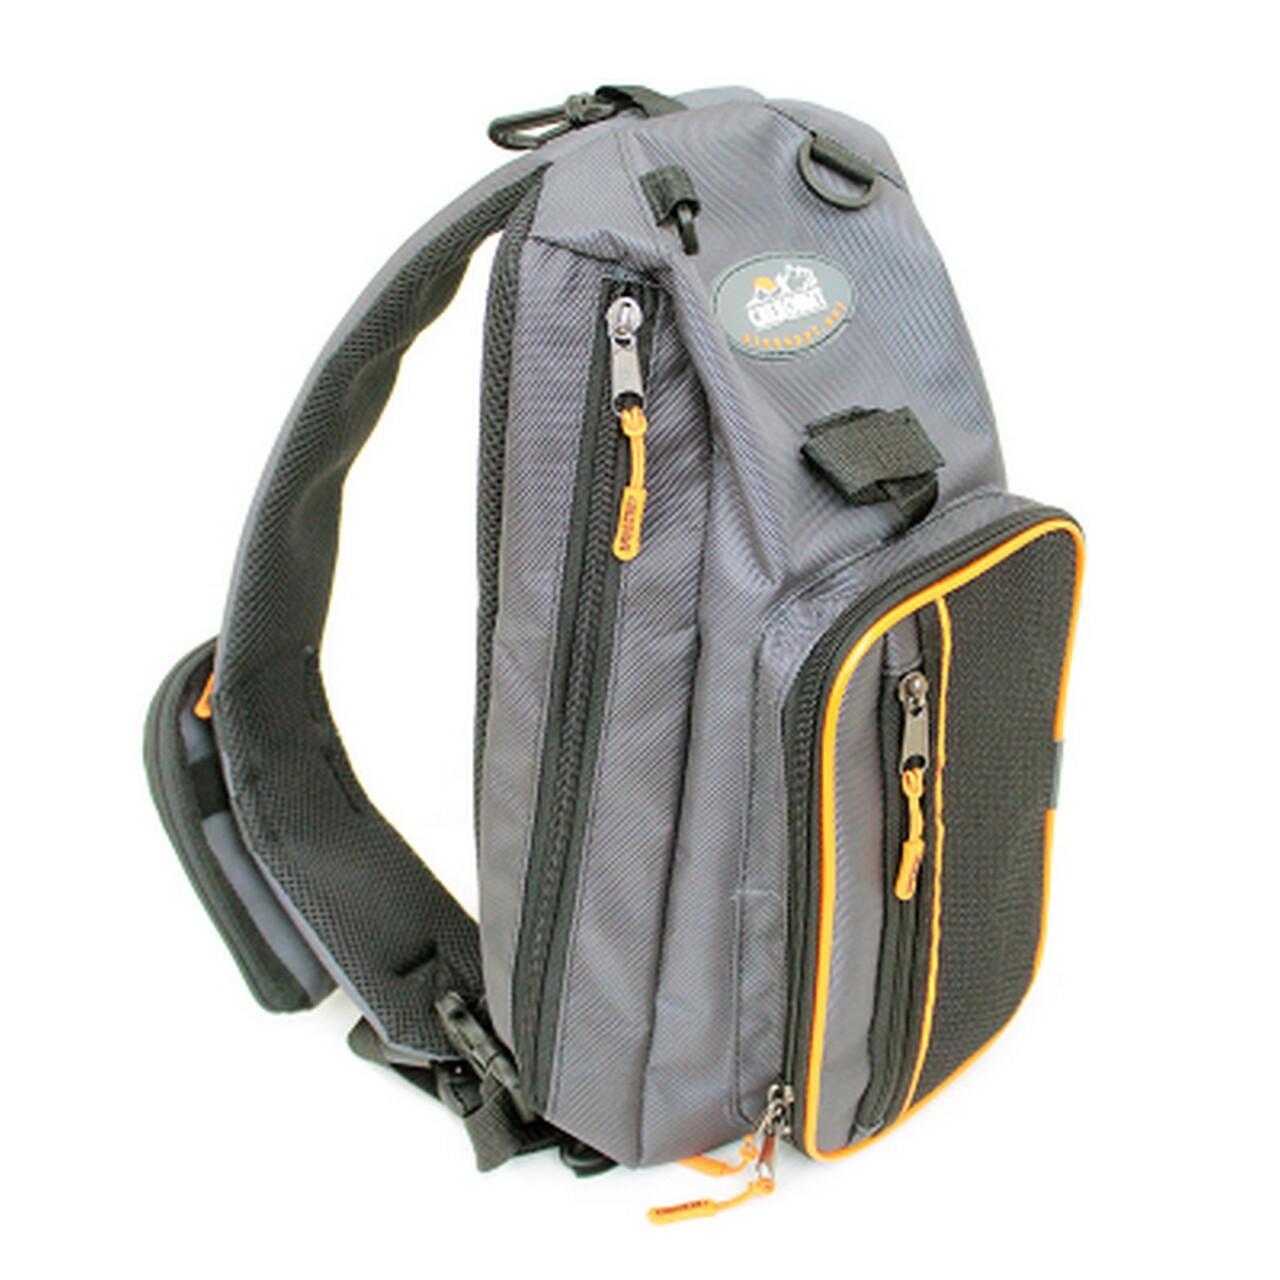 """Сумка-рюкзак рыболовная """"СЛЕДОПЫТ"""" Sling Shoulder Bag, 44х24х17 см, цв. серый"""